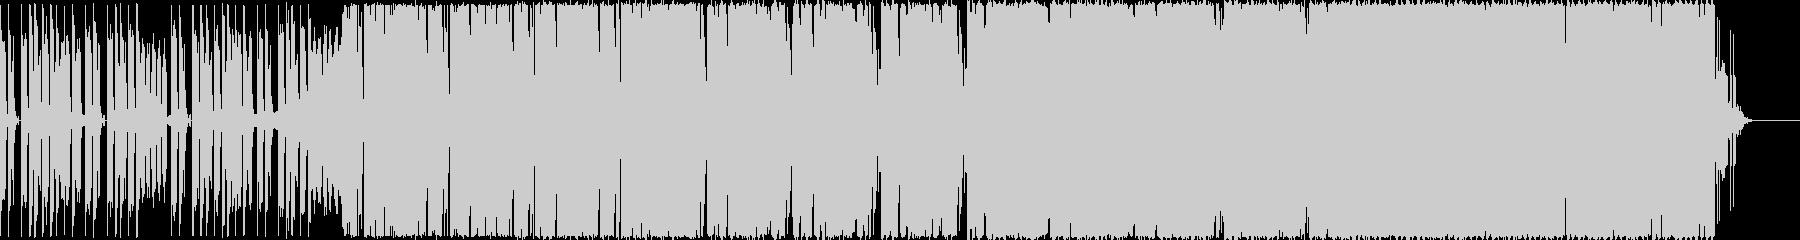 ピラティスやヨガ、エクササイズ系ハウスの未再生の波形